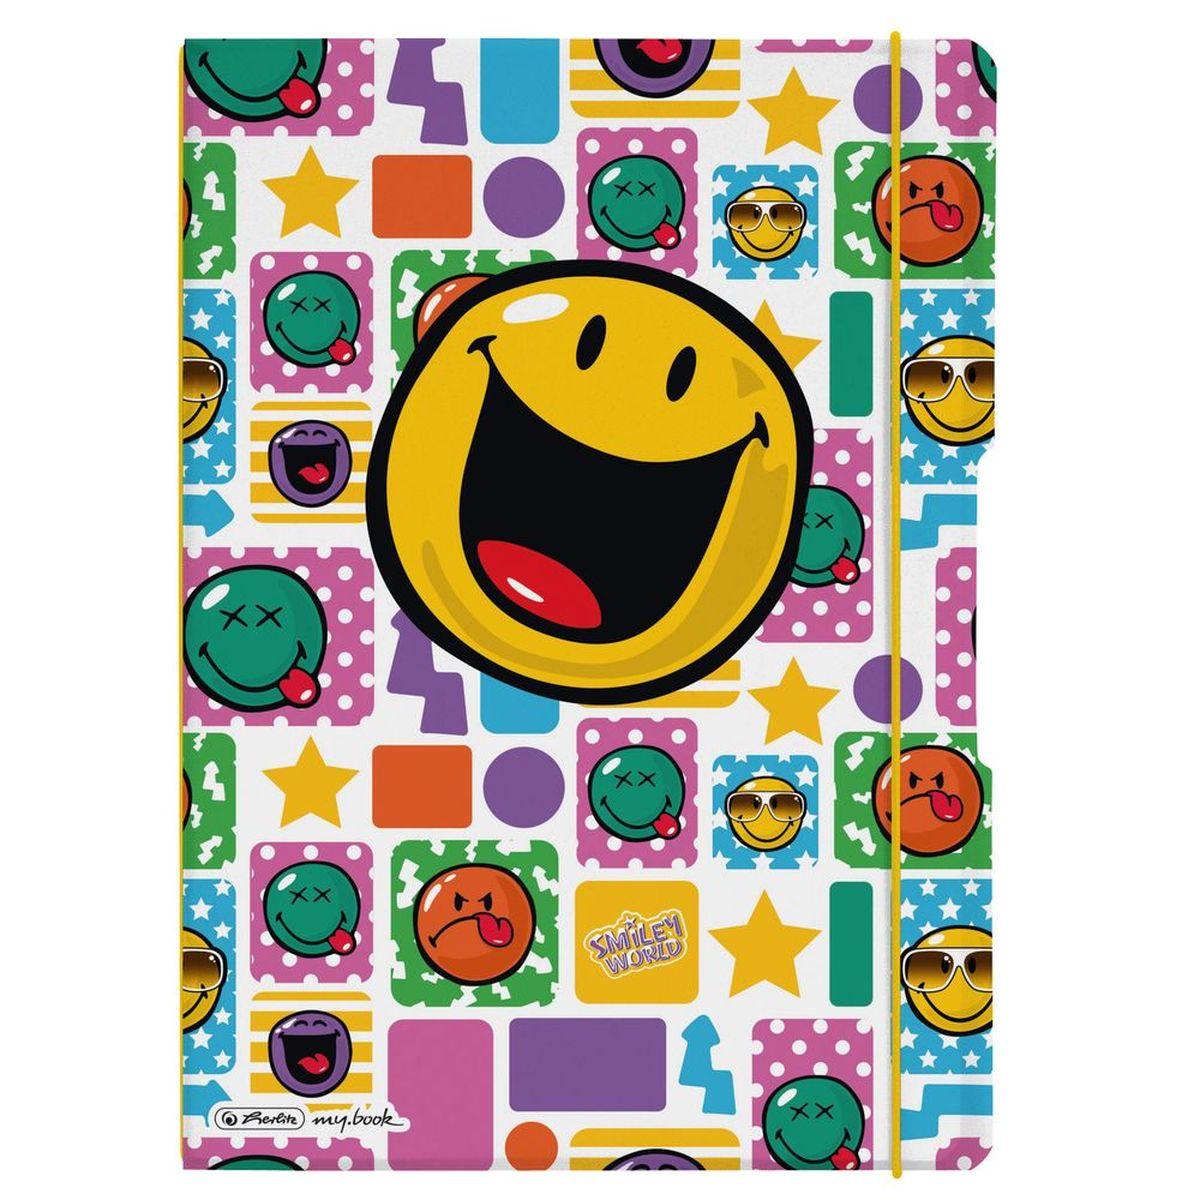 Herlitz Блокнот my.book Flex Smiley Happy 80 листов в клетку/линейку формат А4IDN109/A6/BUКомбинируемый блокнот от Herlitz my.book Flex Smiley Happy подойдет для любого случая: в университете, в школе, дома или в офисе.Благодаря разным бумажным сменным блокам, а также эластичным резинкам и креплению блокнот my.book всегда остается уникальным и разнообразным. С помощью наборов эластичных резинок вы можете немного менять внешний вид своего блокнота my.book flex каждый день. При желании вы можете просто продолжать использовать свою любимую обложку, потому что с бумажными блоками всегда есть, где писать.Пластиковый блокнот my.book flex завоюет ваше сердце. Пластиковая версия блокнота формата A4 имеет еще одно преимущество: уникальная система 2-в-1. В отличие от обычных блокнотов, эта версия позволяет использовать одновременно бумажные блоки в клетку и в линейку. Утомительная необходимость носить за собой разные блокноты и тетради ушла в прошлое.